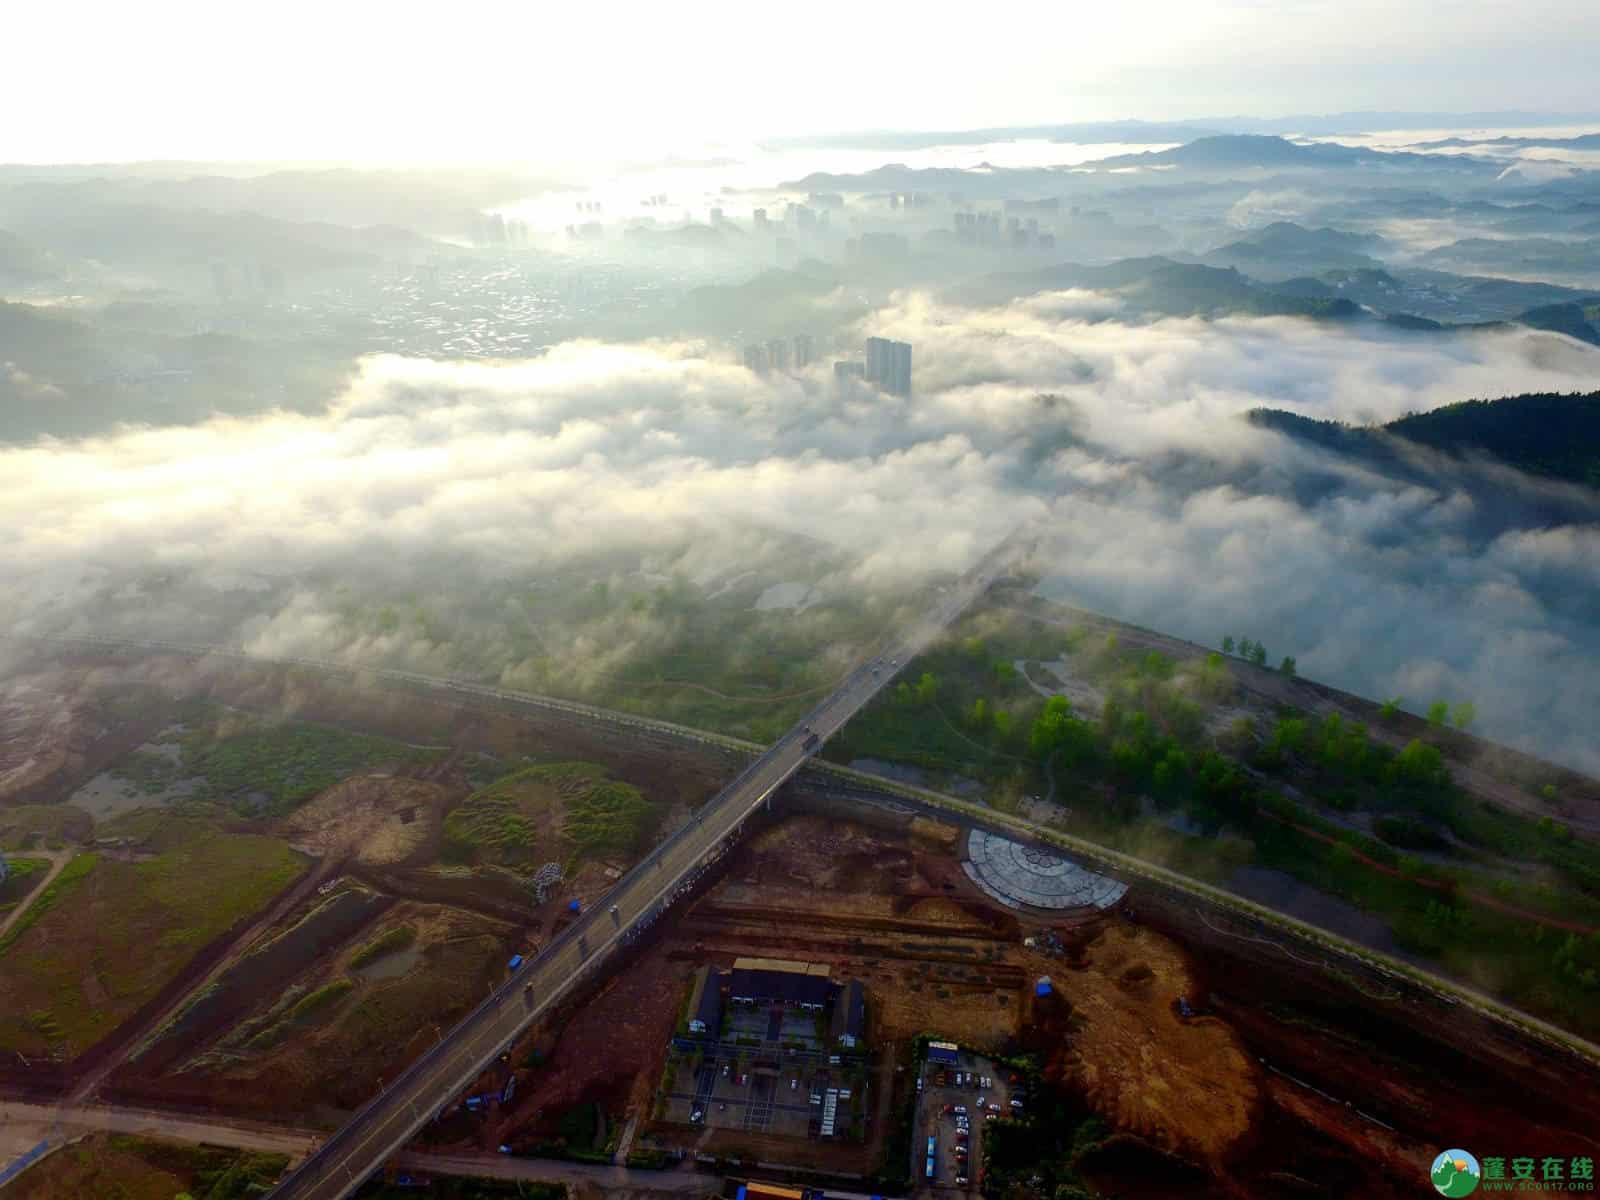 雾境蓬安 - 第13张  | 蓬安在线